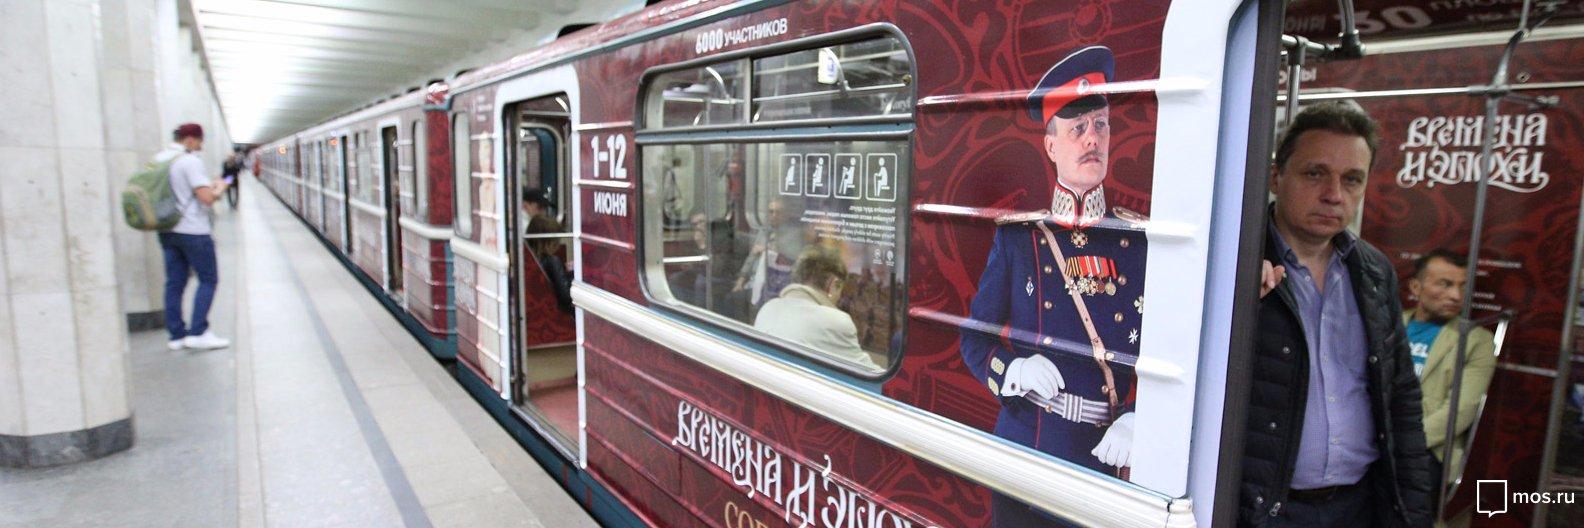 Тематический поезд «Времена и эпохи» запустили на Замоскворецкой линии метро. Официальный сайт Мэра Москвы